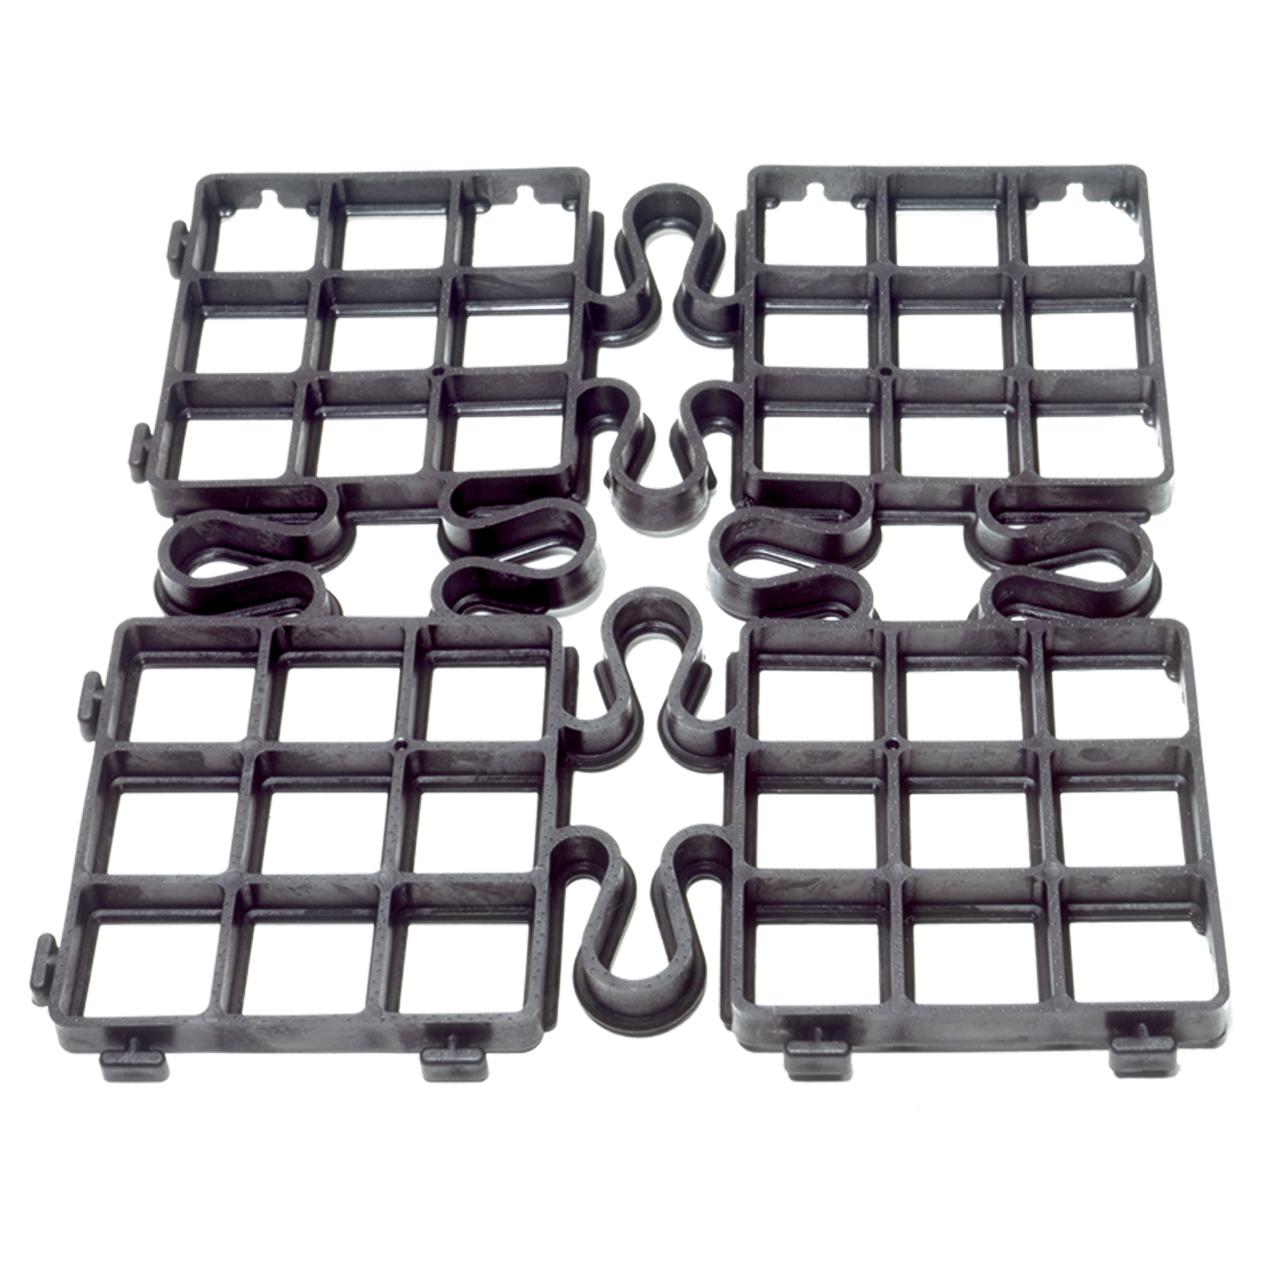 Schwabengitter® Ontop, schwarz